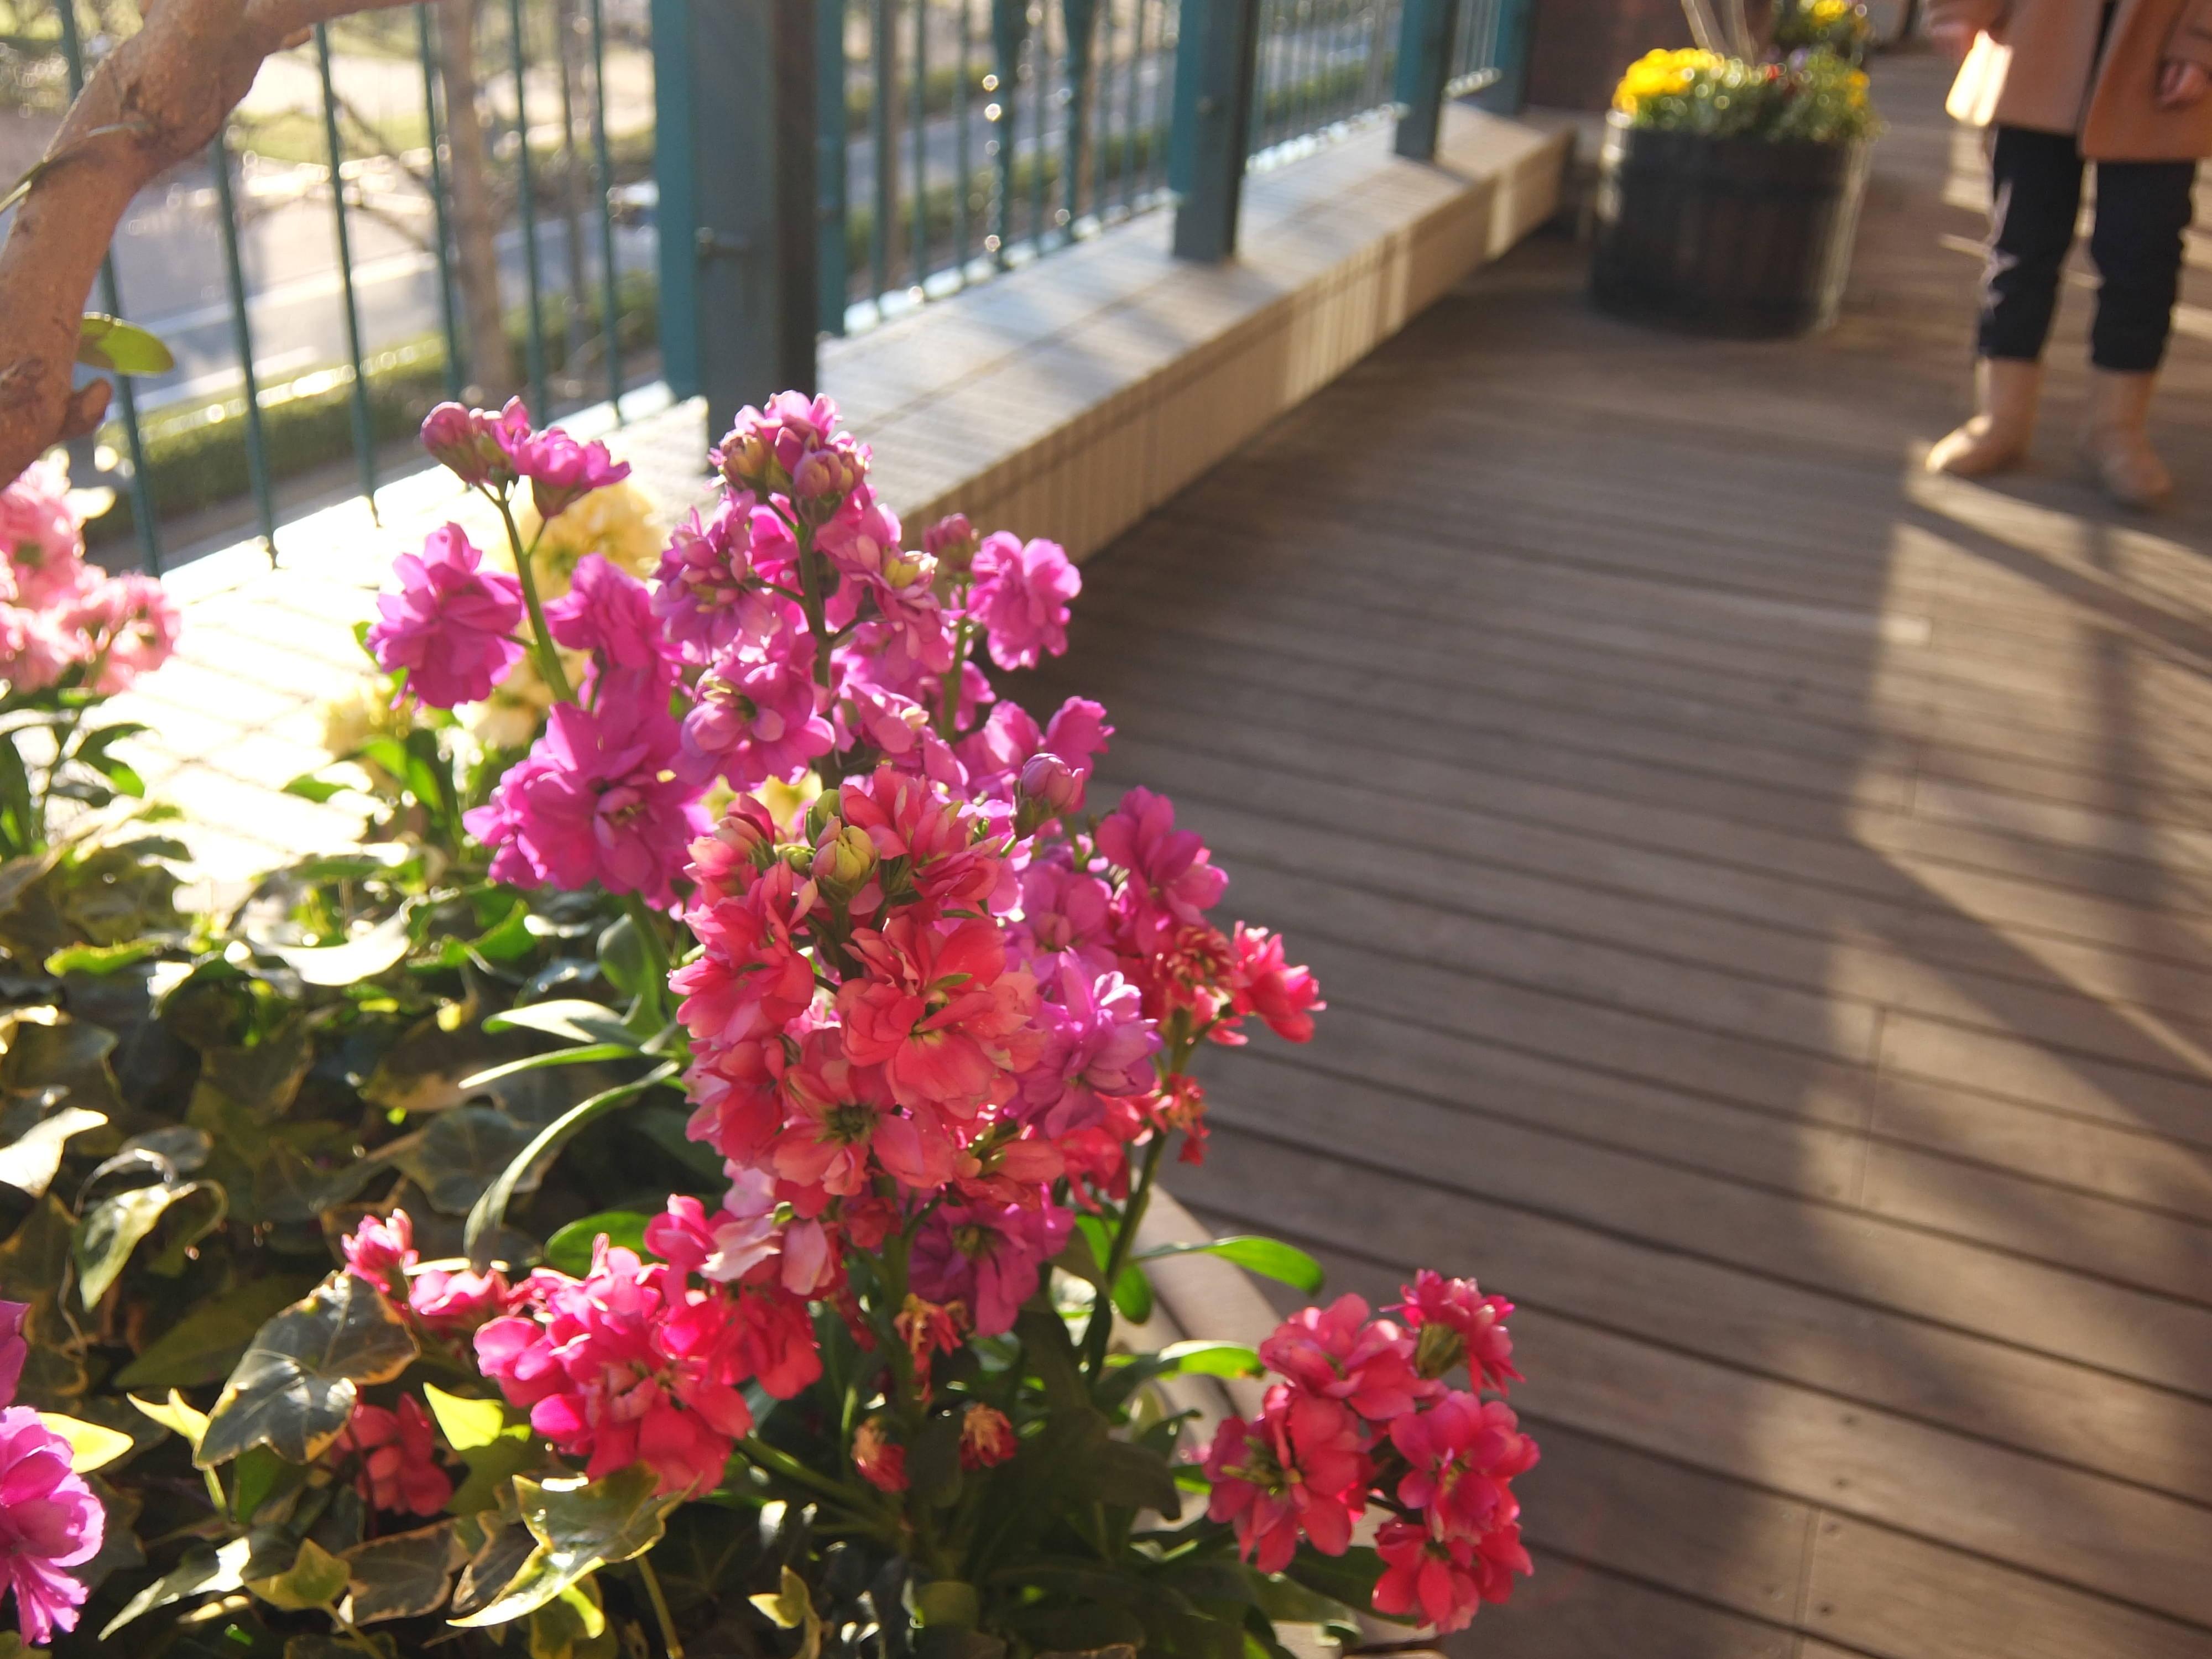 桜木町スナップ写真。ふらっとしたデートのご参考にどうぞ(12)